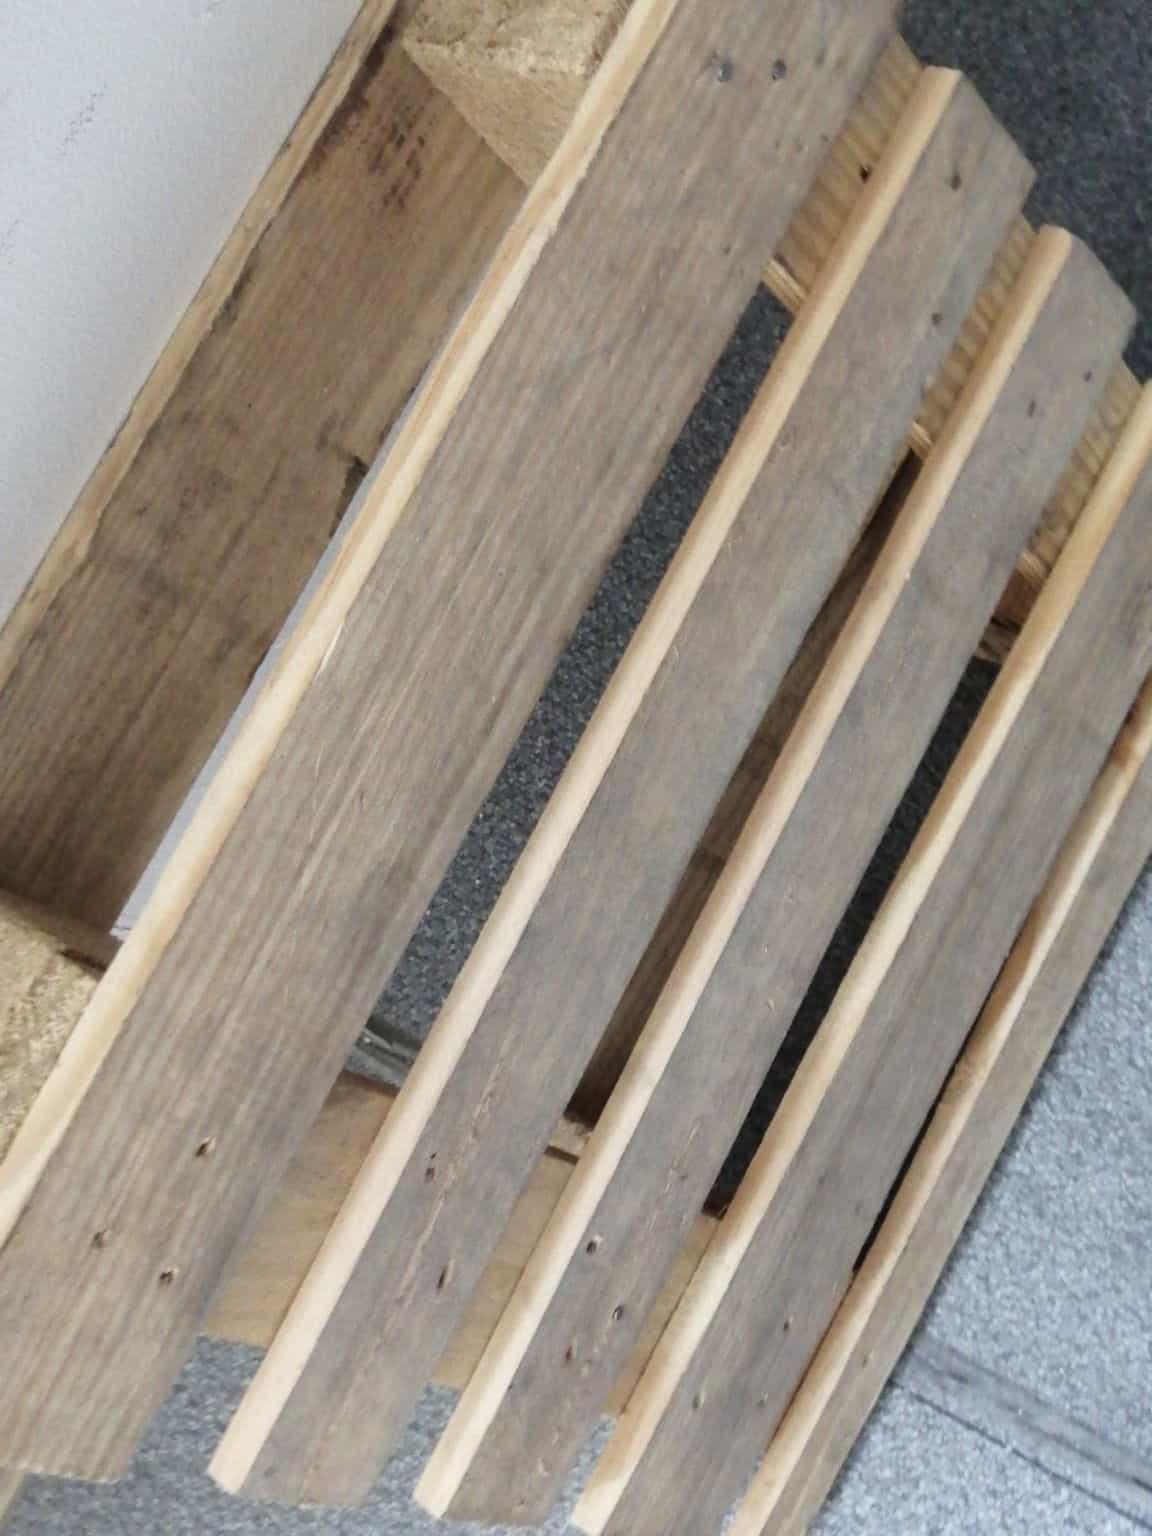 全自动木箱生产线-全自动木箱生产线厂家、品??,〃㏠、图片